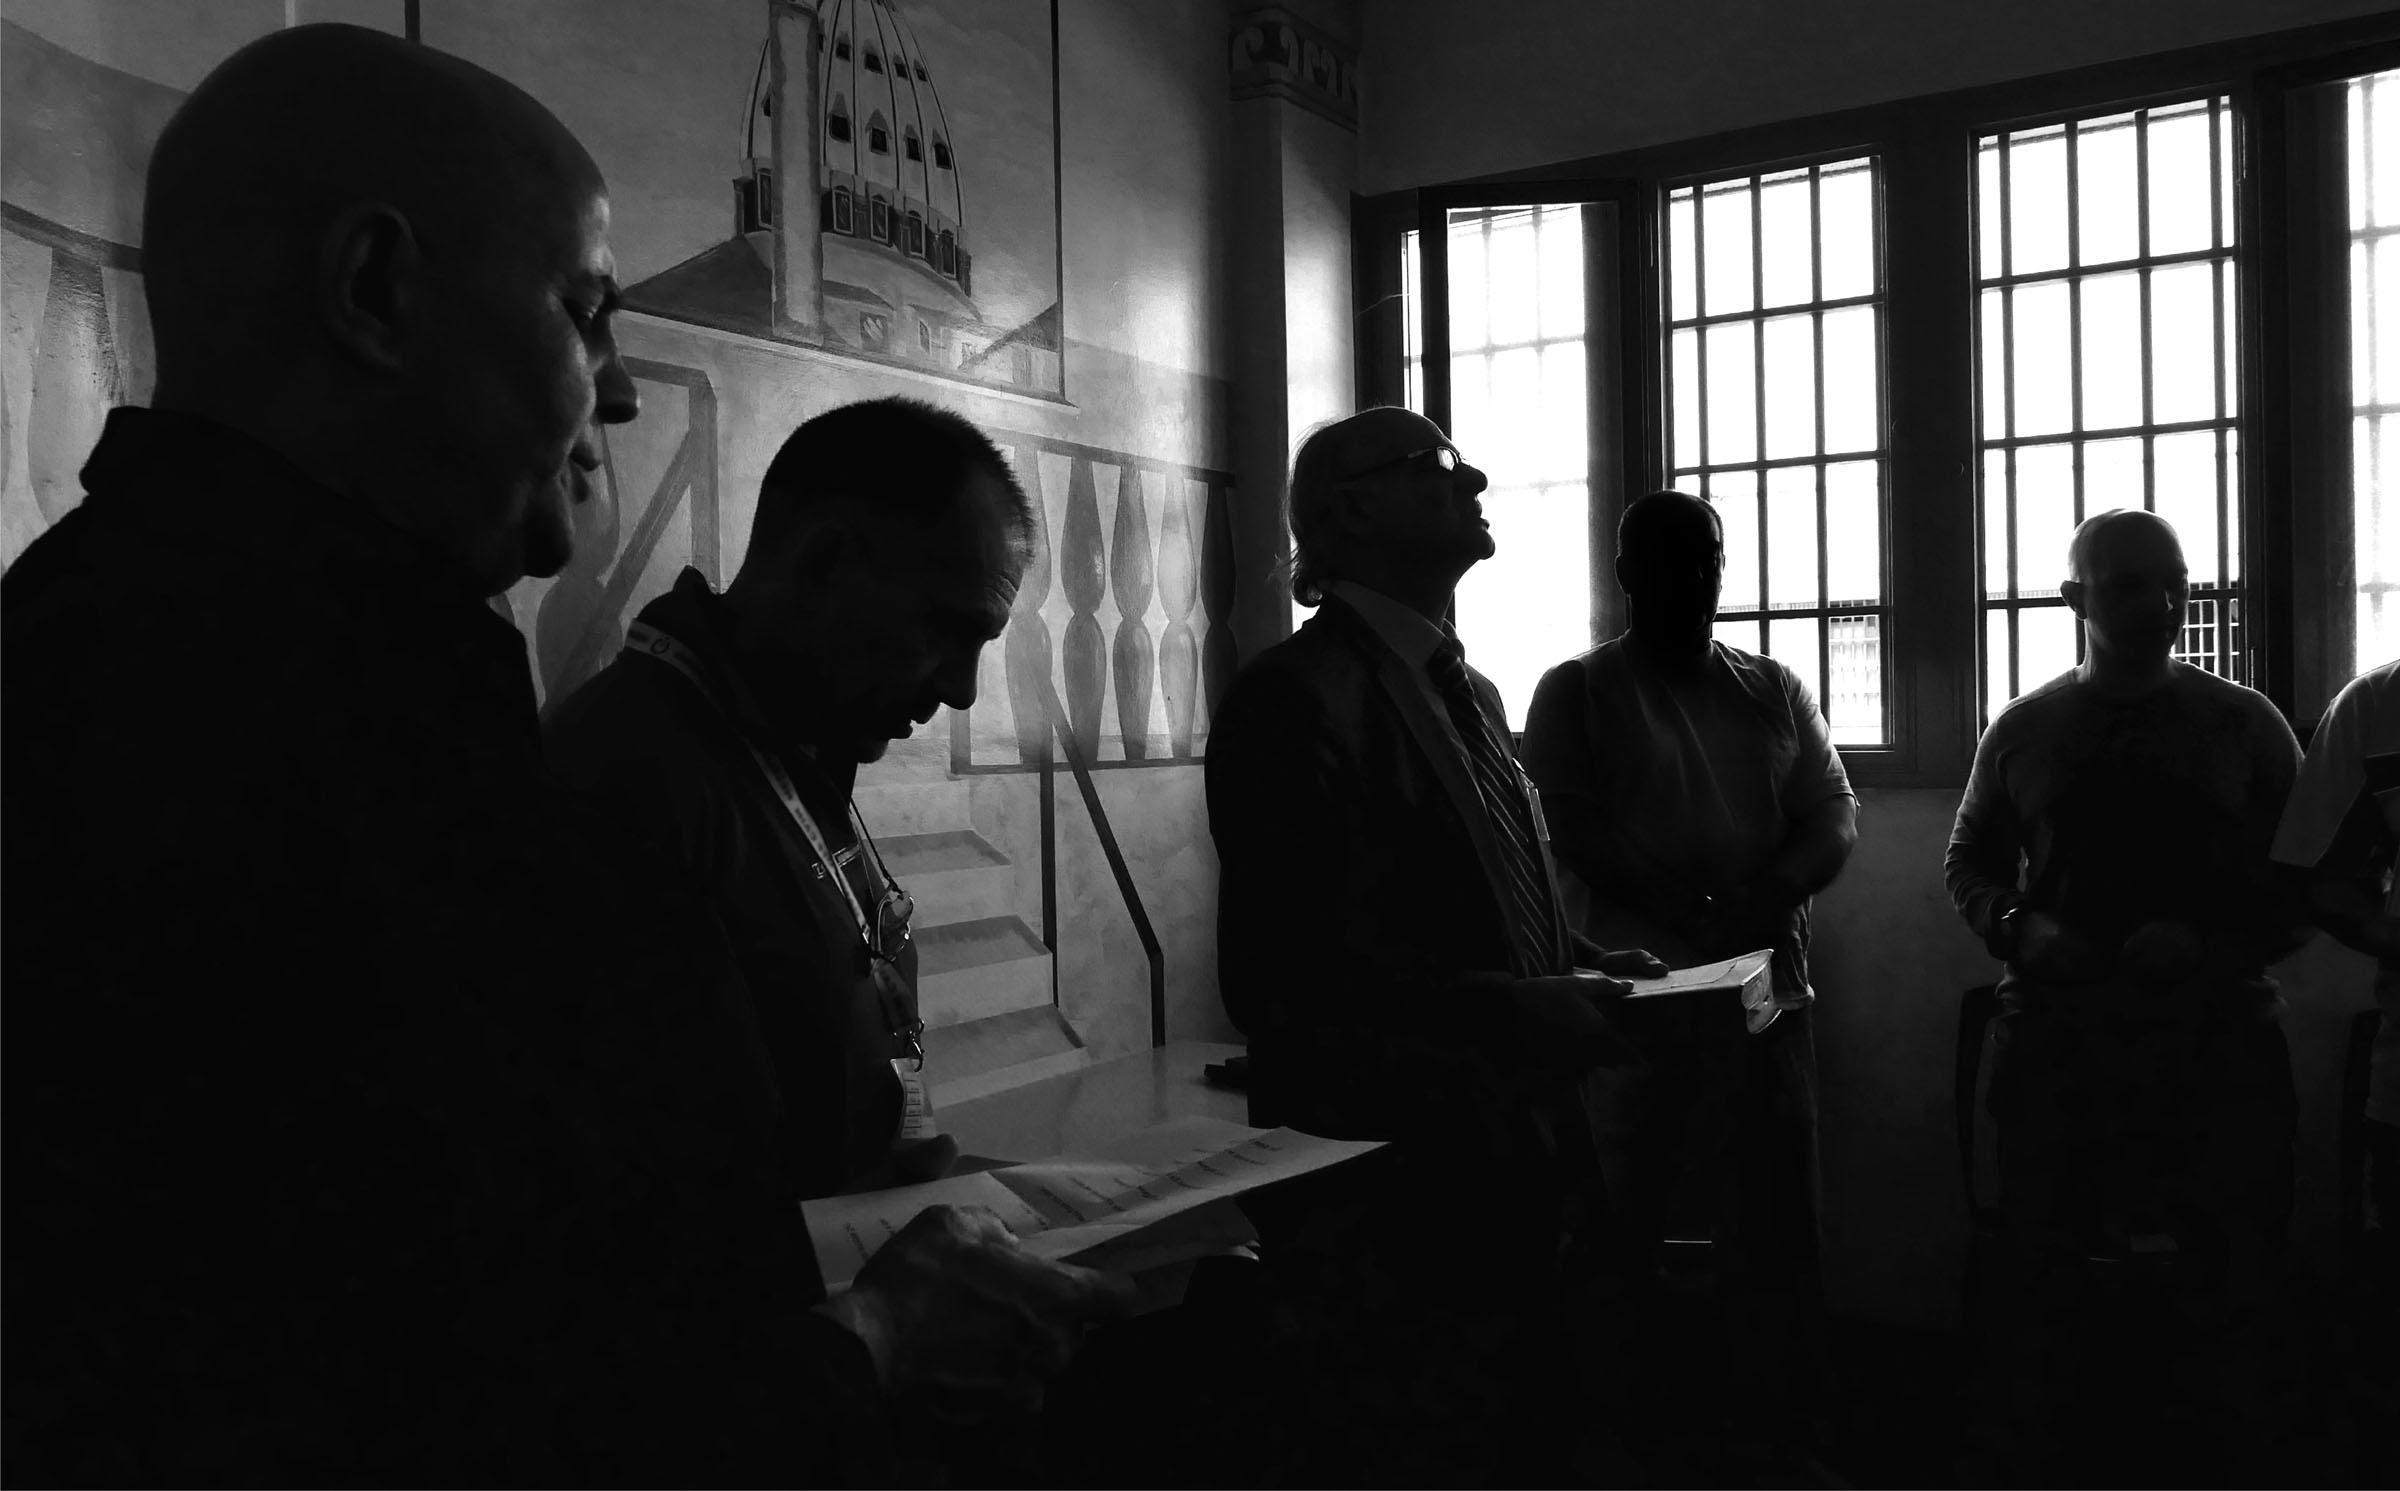 Preghiere in carcere. Manifestazione della libertà religiosa, le fotografie di Margherita Lazzati a Milano